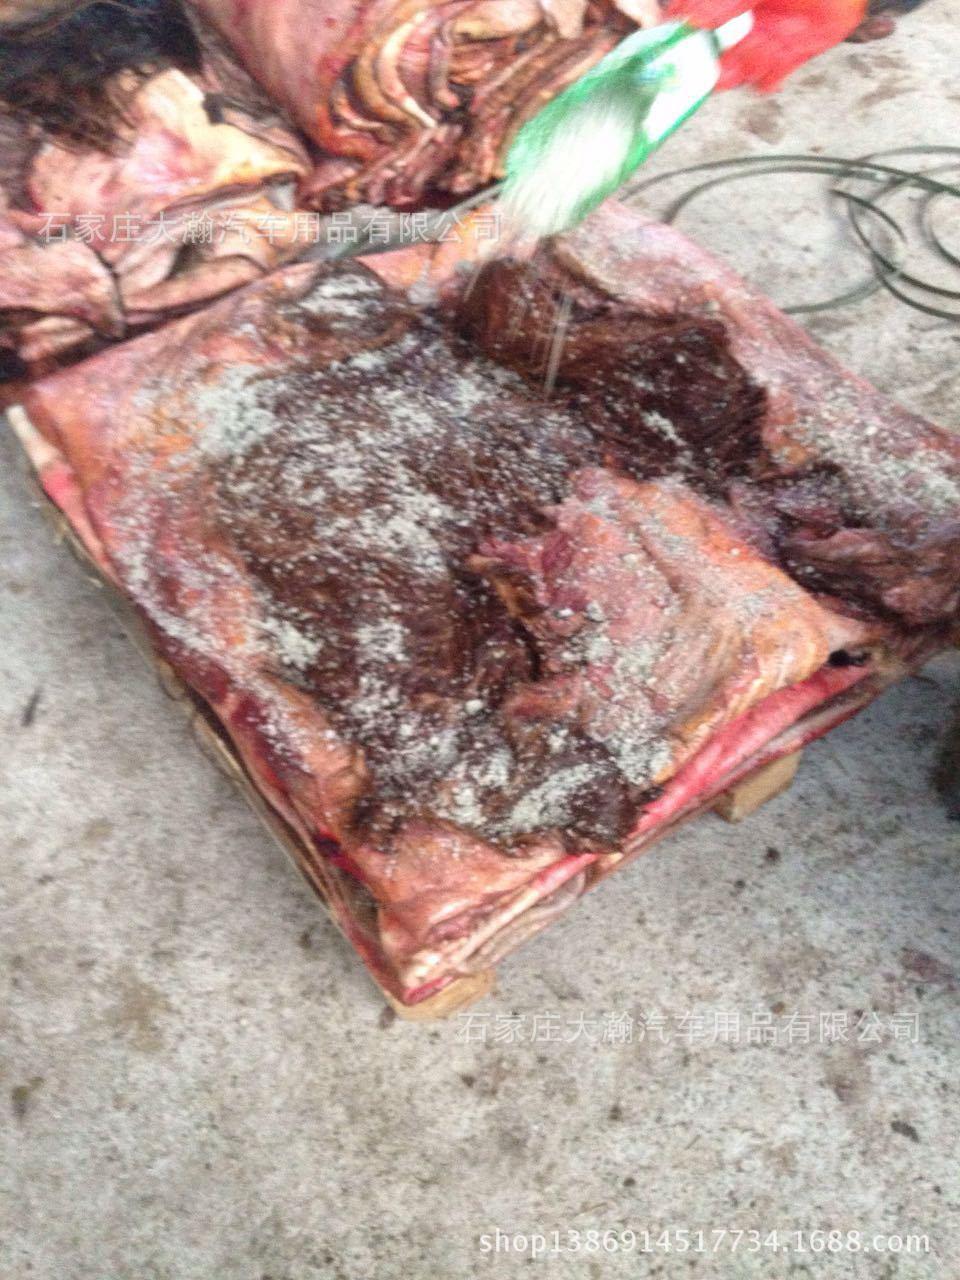 United Ngoại Mông Cổ nhập khẩu ướt bán buôn Wet salted horsehide